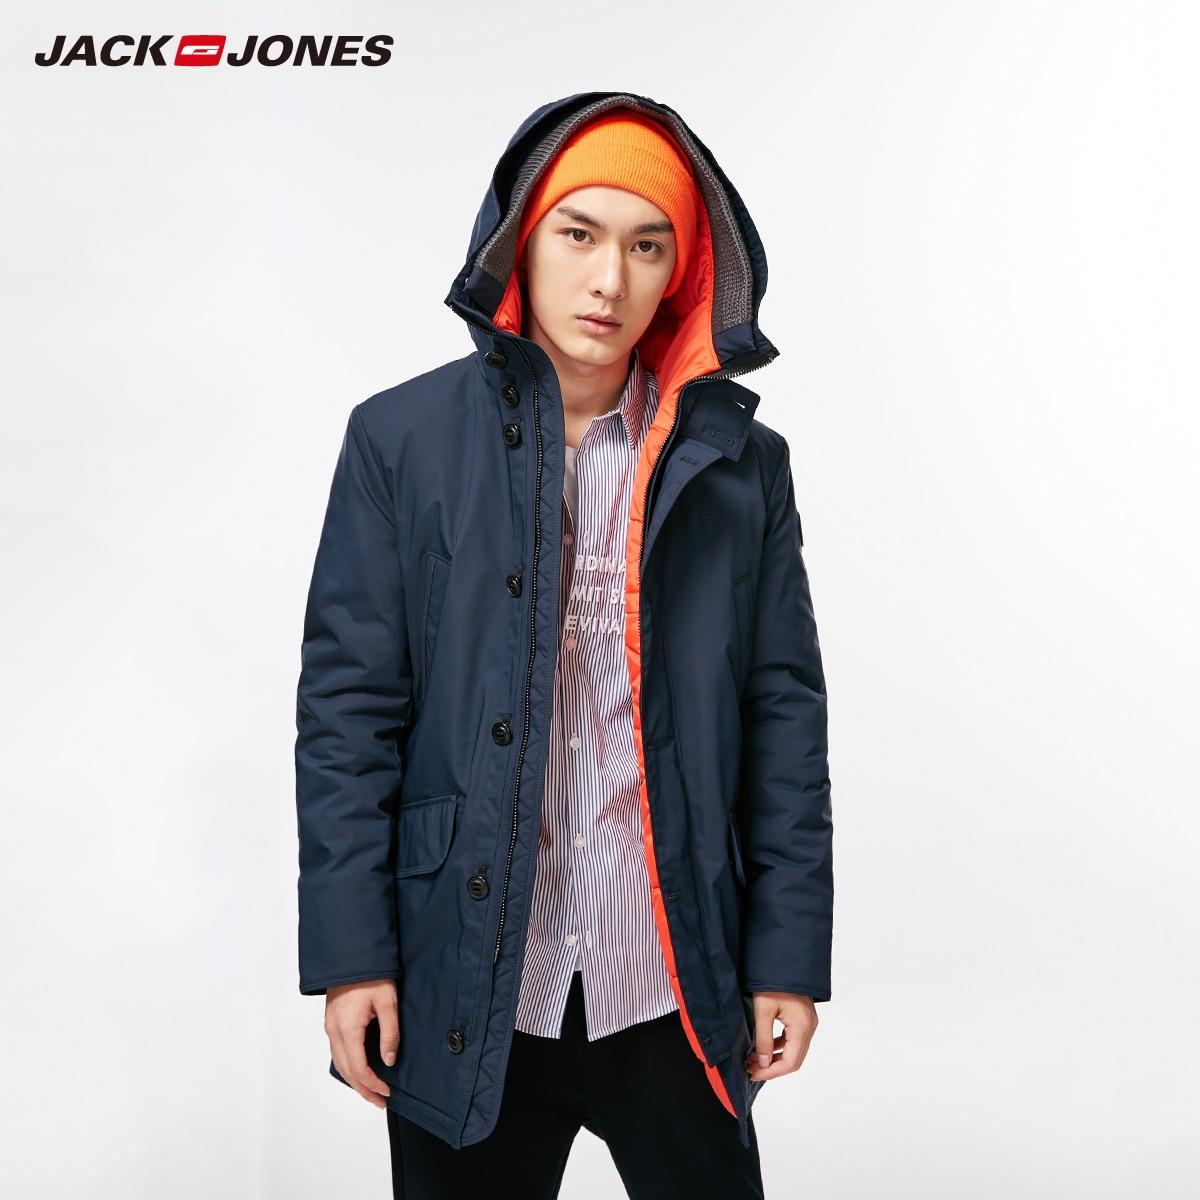 JackJones Hommes D'hiver et Automne Moyen de Style Thermique manteau en coton Slim Fit Collège De Luxe Polaire veste pilote | 218309511